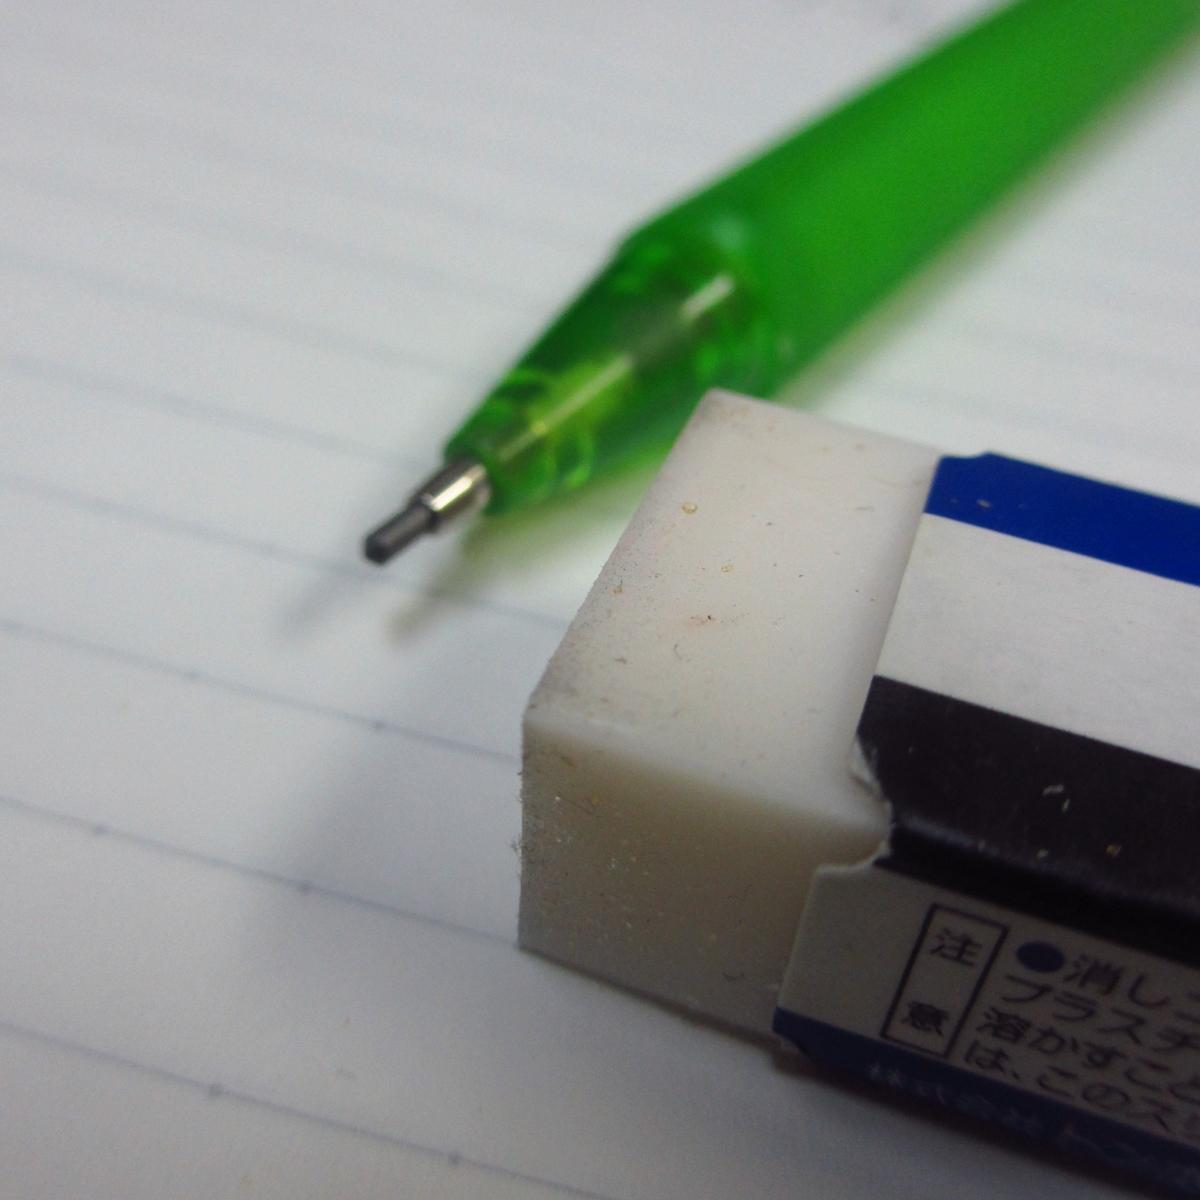 シャーペンと消しゴムとノート20150704 (3)